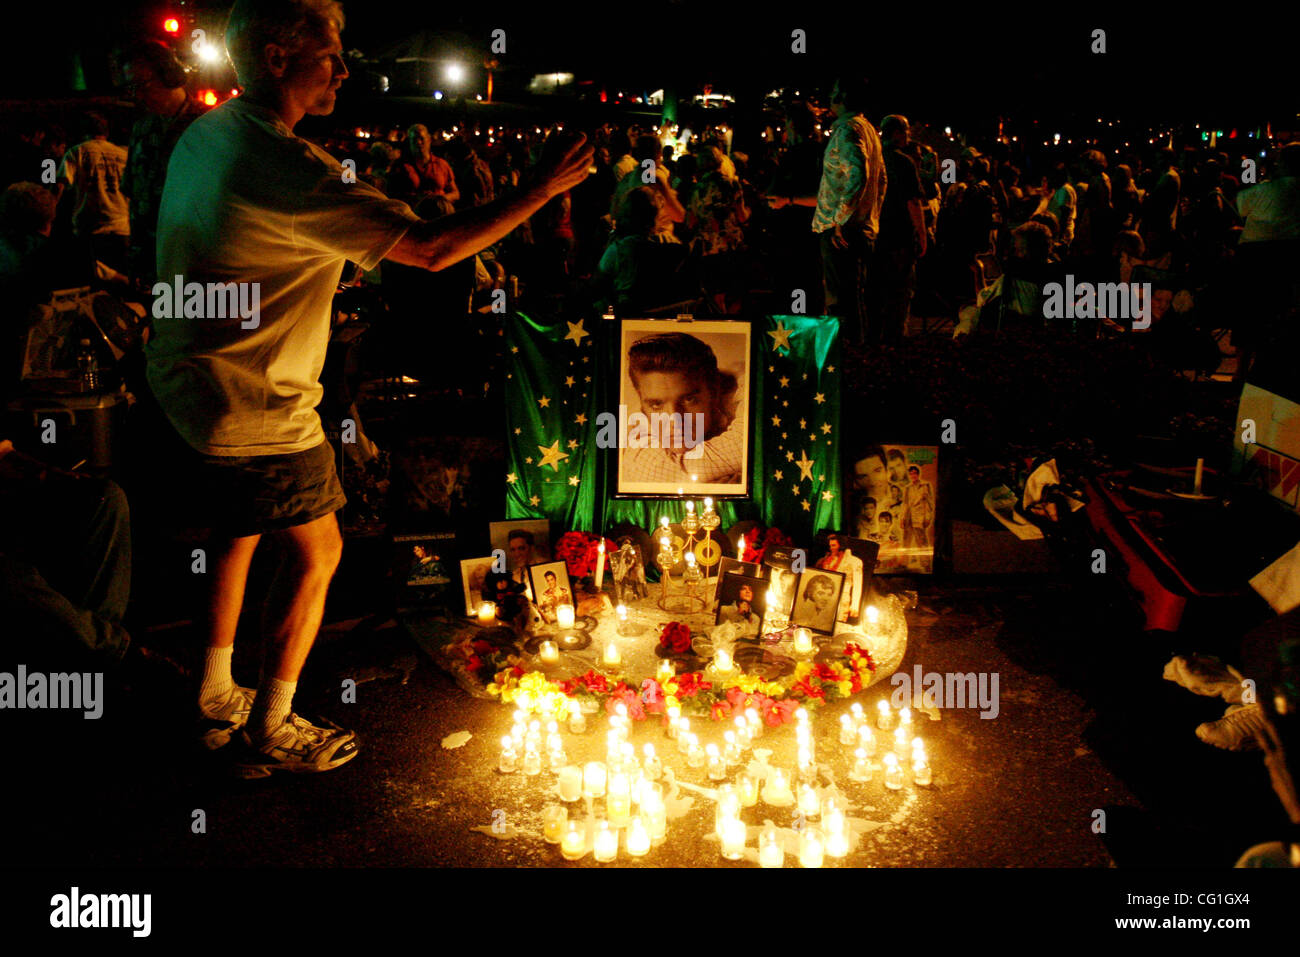 081507 traf Elvis 01 Personal Photo von Gary Coronado/The Palm Beach Post 0041321A mit Geschichte von Rachel Sauer Stockbild